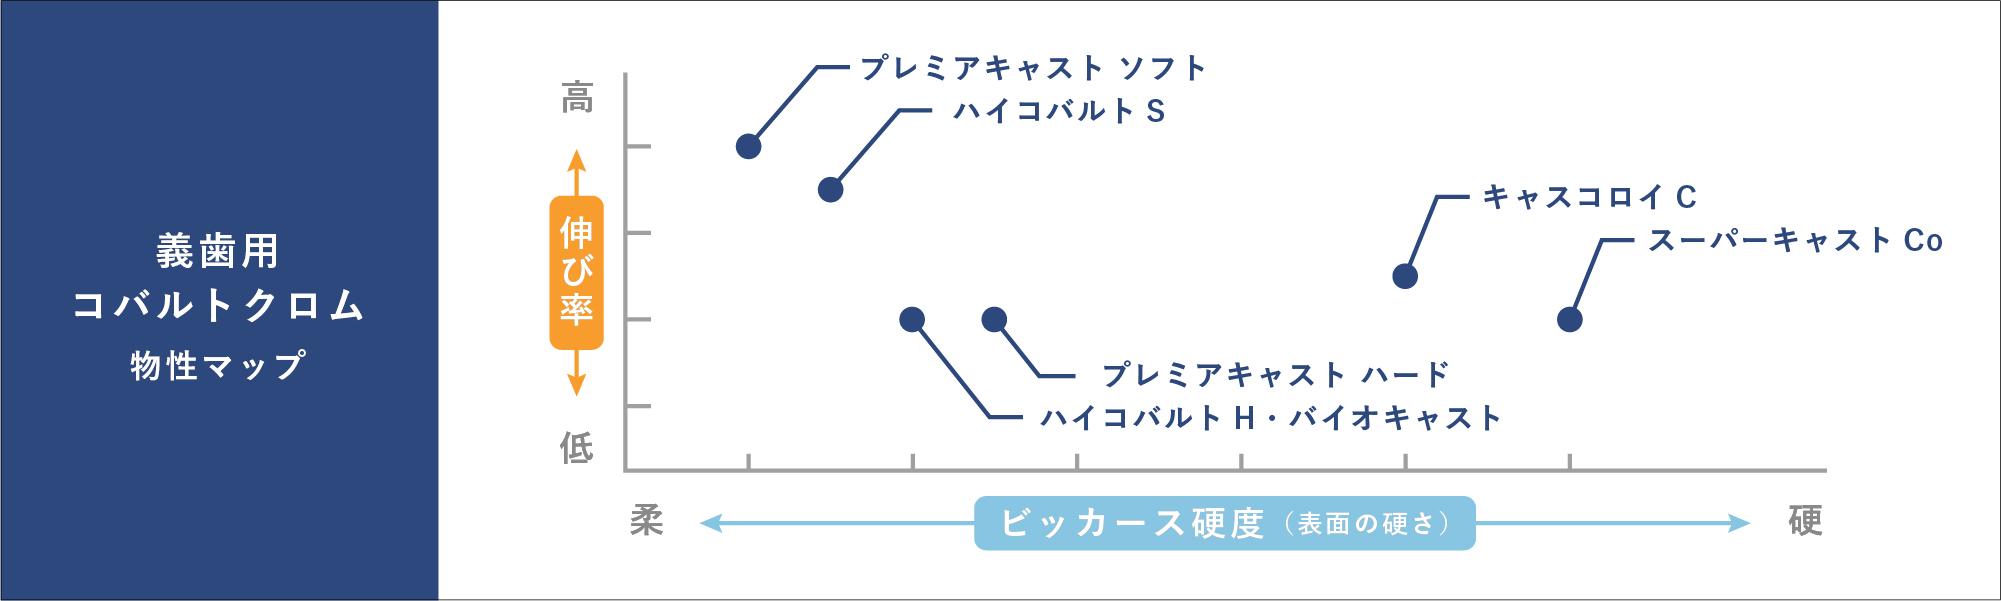 コバルトクロム物性マップ